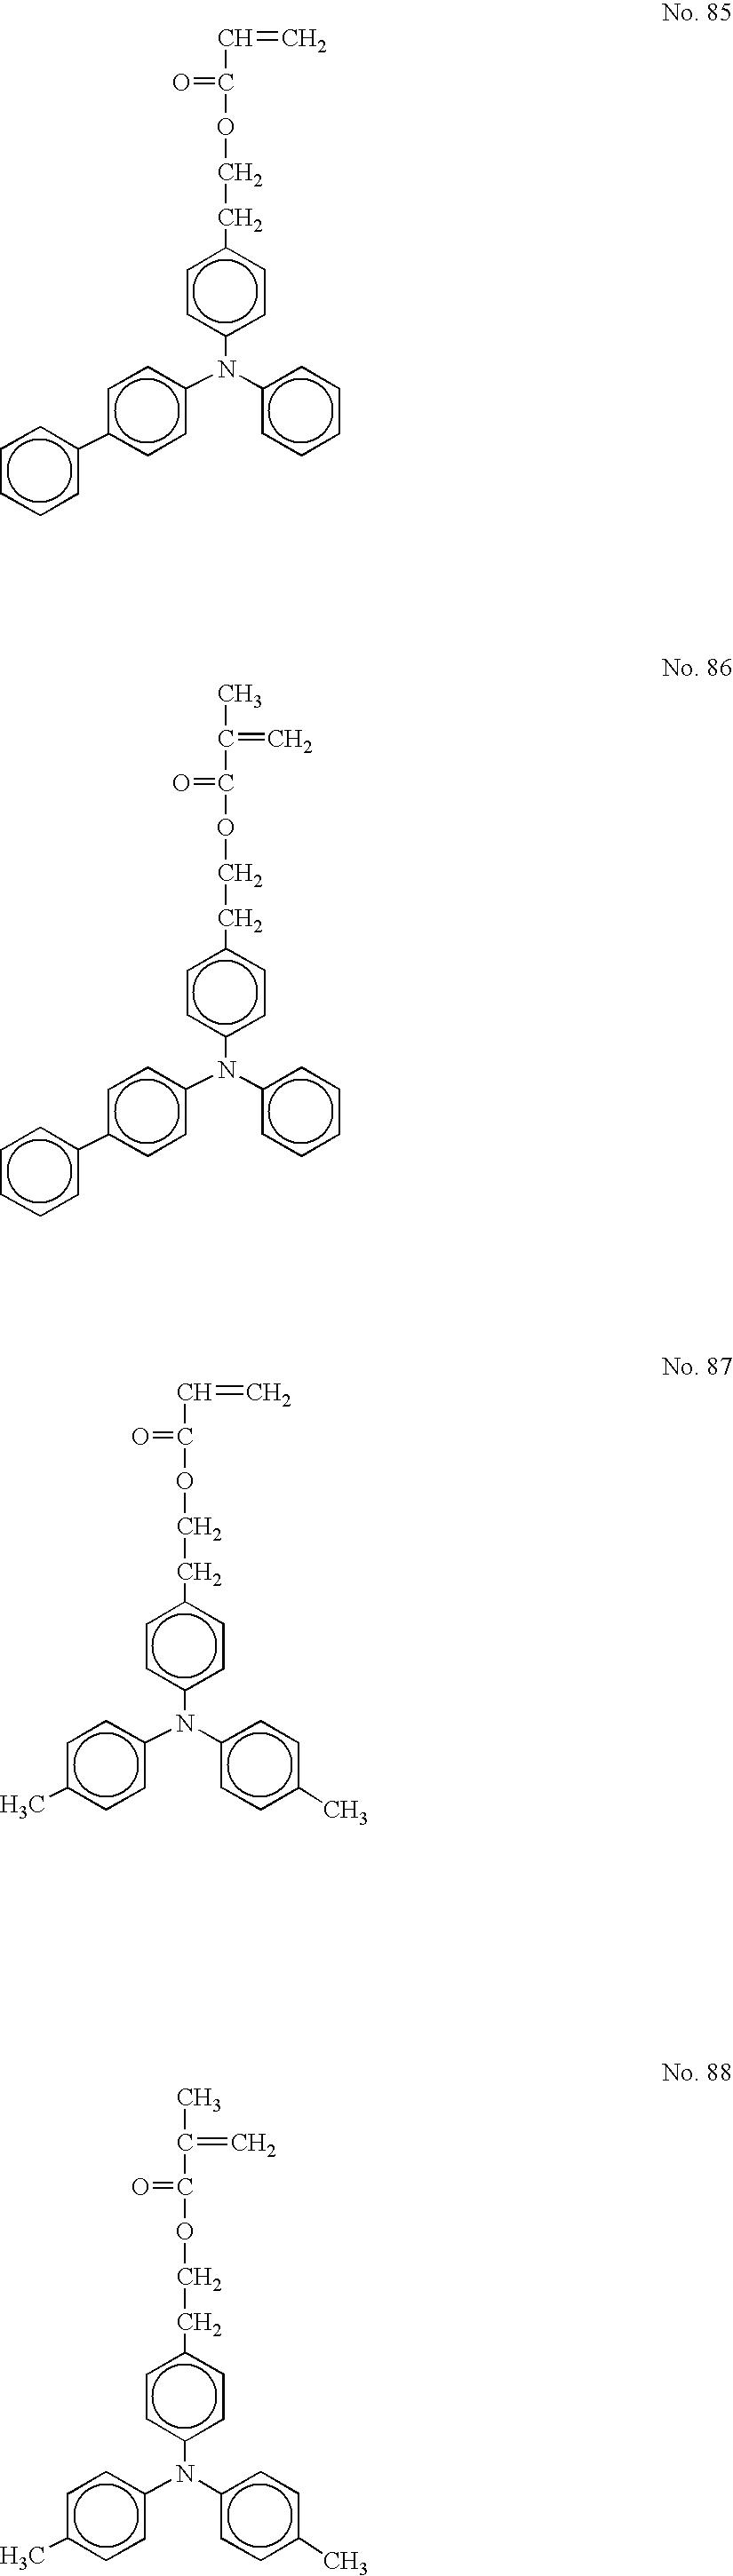 Figure US20070059619A1-20070315-C00032